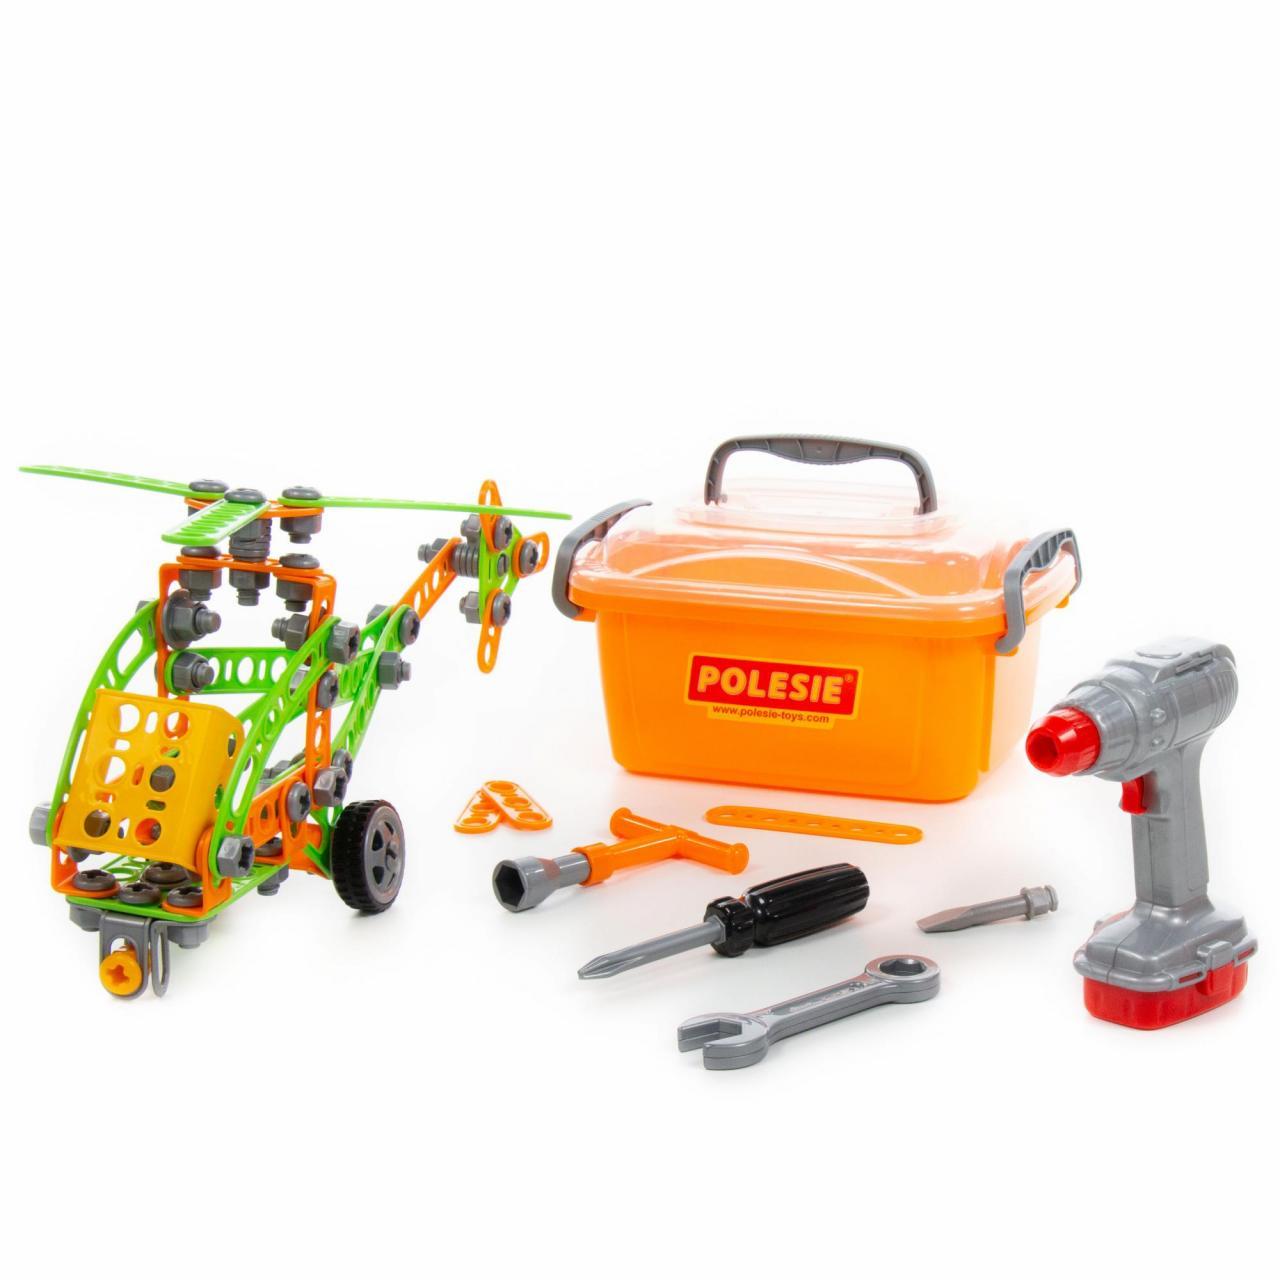 Купить Конструктор - Изобретатель - Вертолет №1, 130 элементов, в контейнере, Полесье